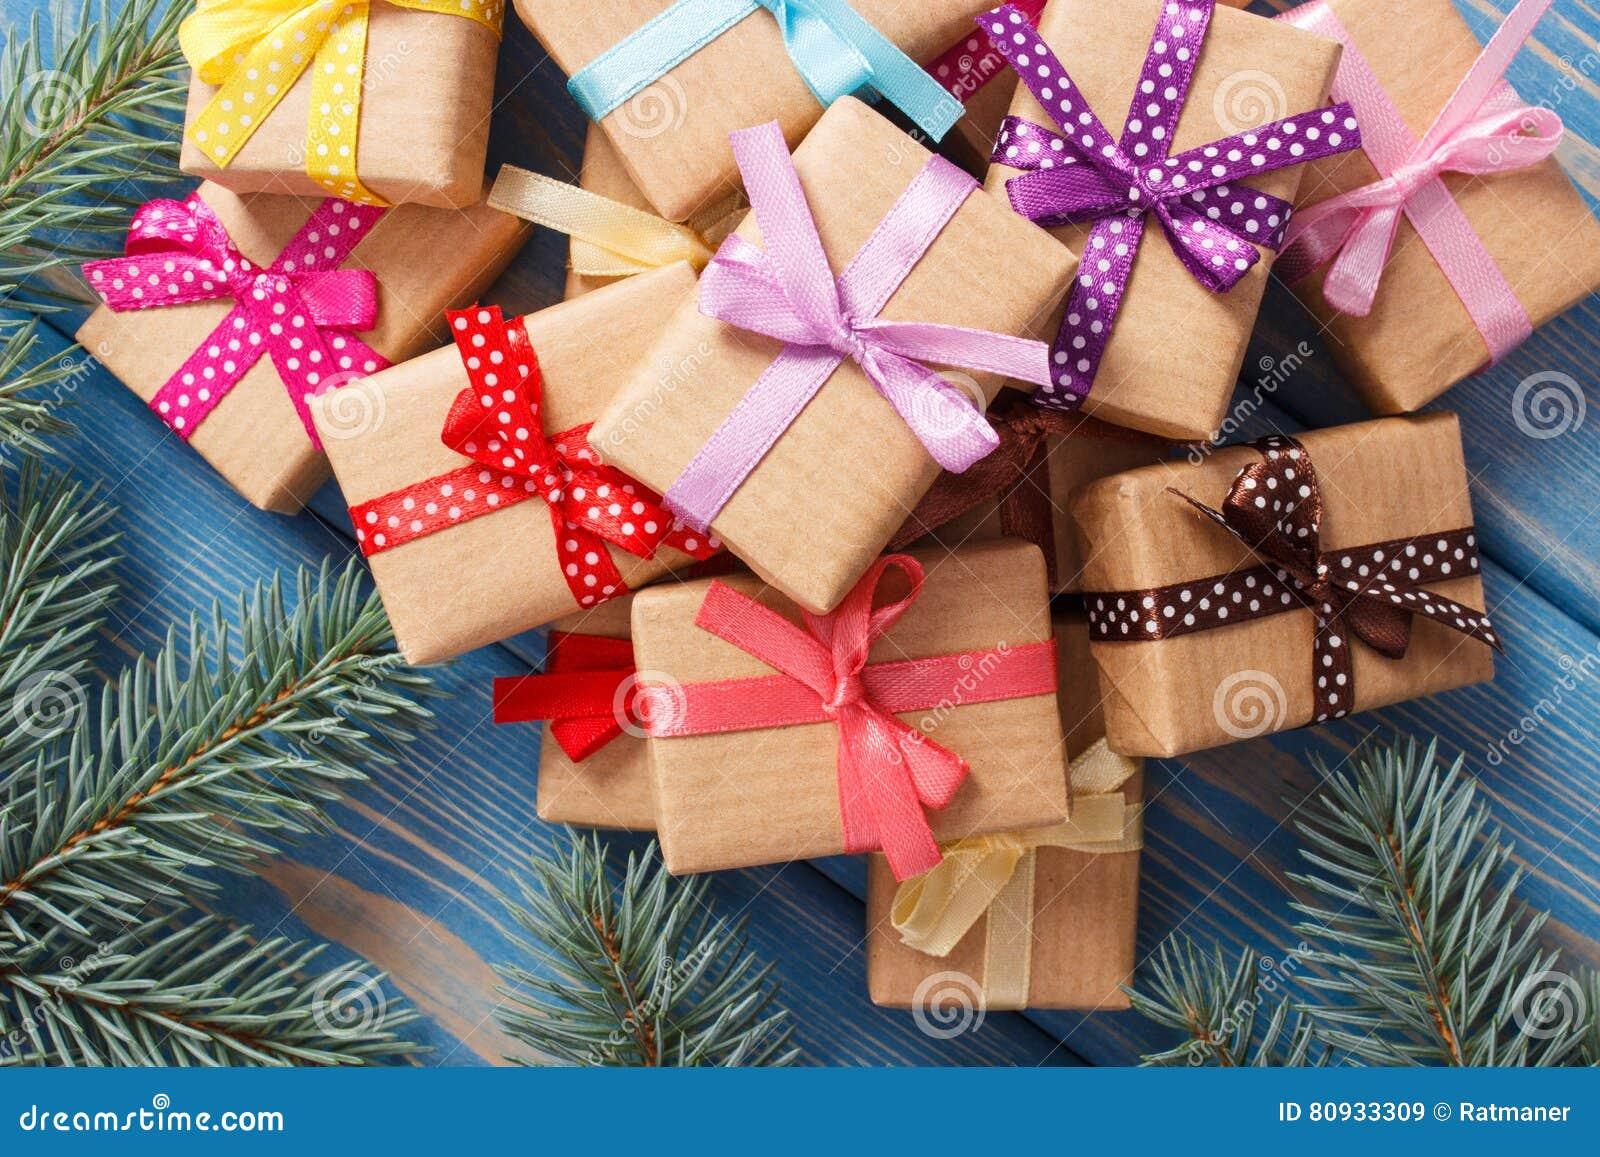 Τυλιγμένα δώρα με τις ζωηρόχρωμες κορδέλλες για τα Χριστούγεννα και τους κομψούς κλάδους